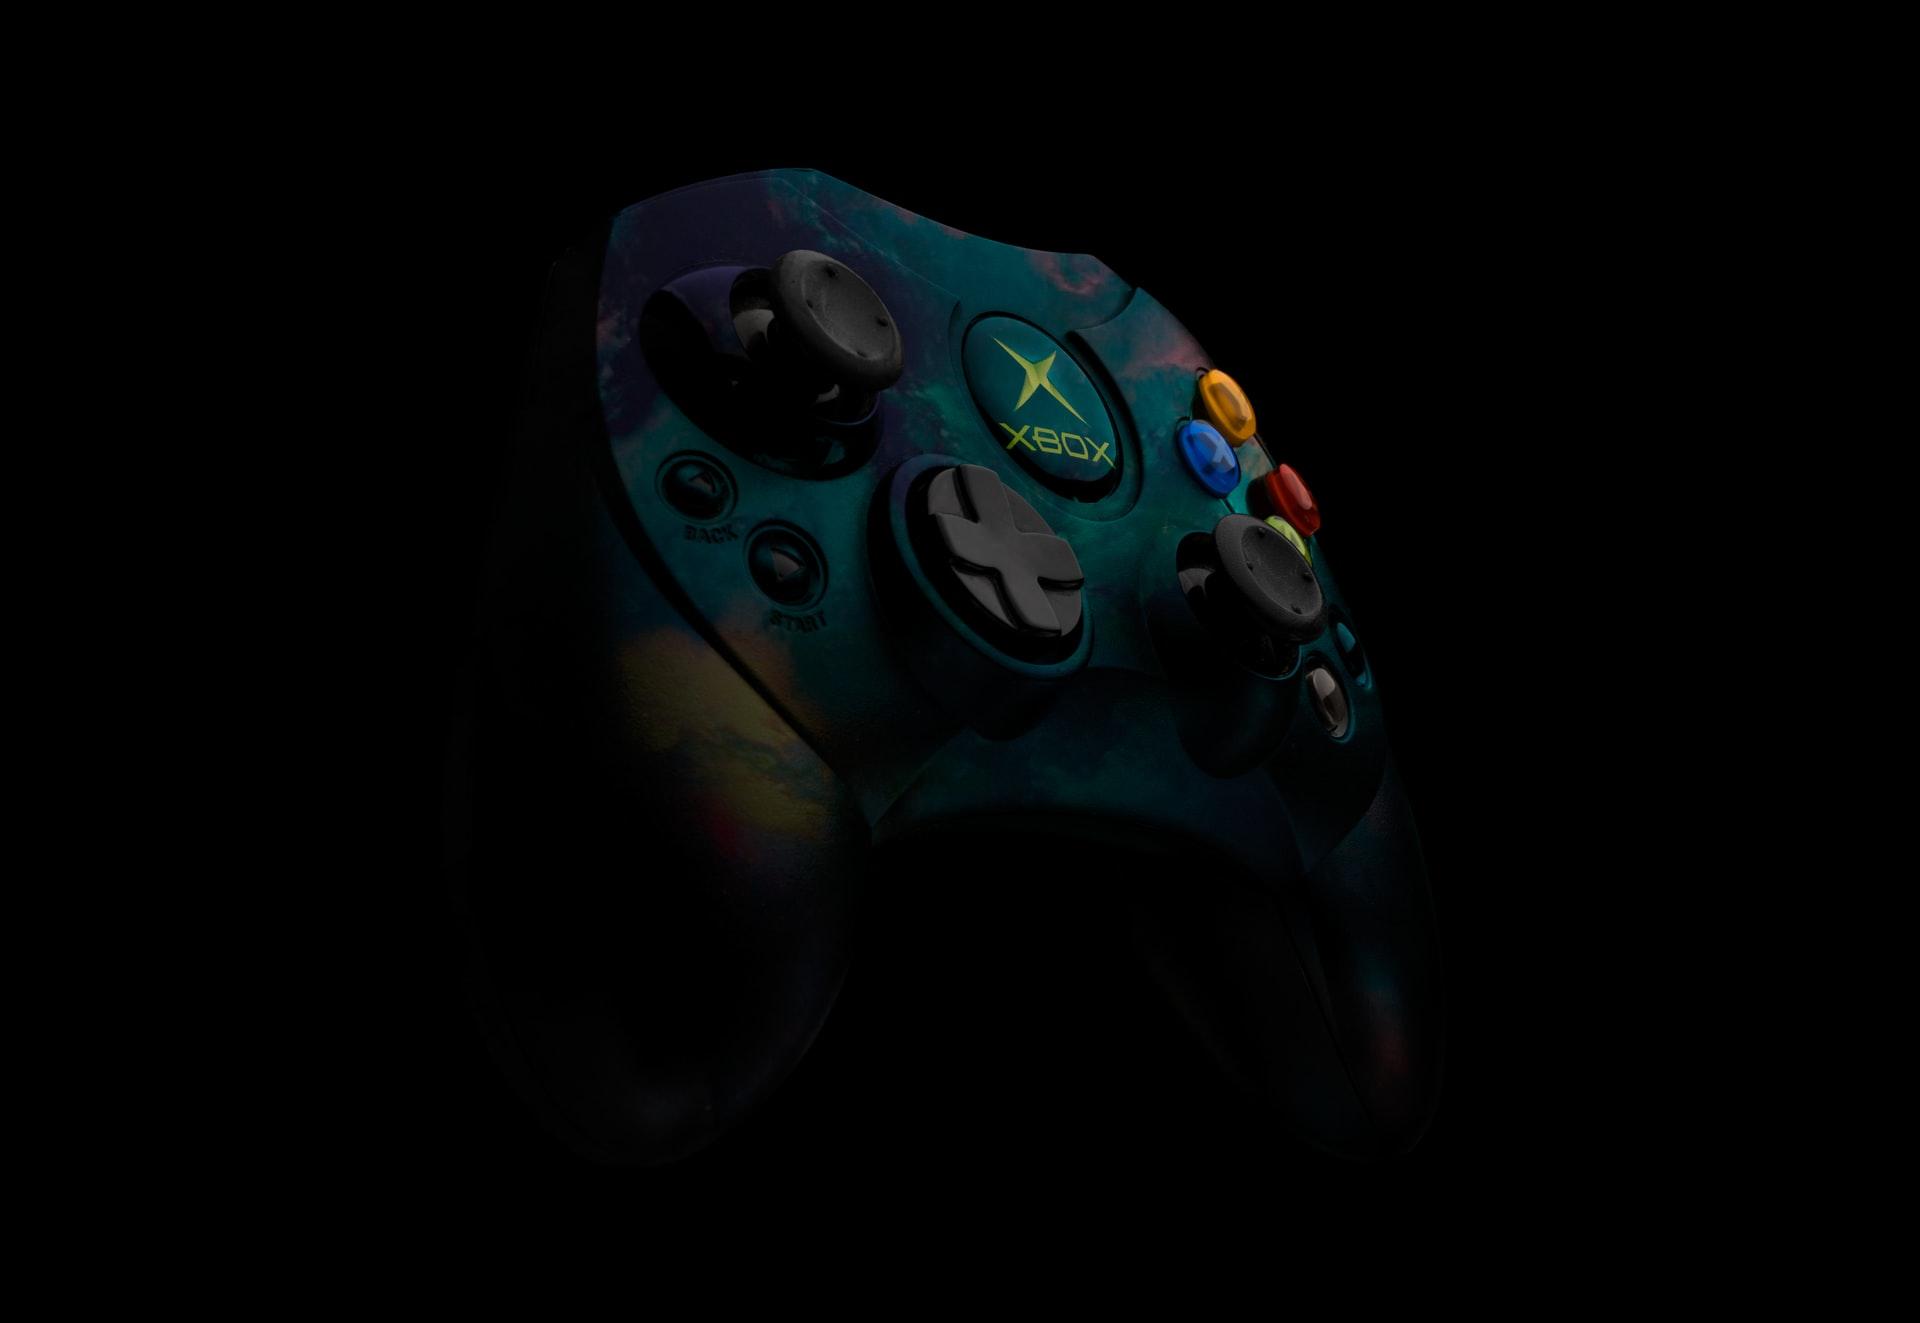 Le contrôleur de la Xbox